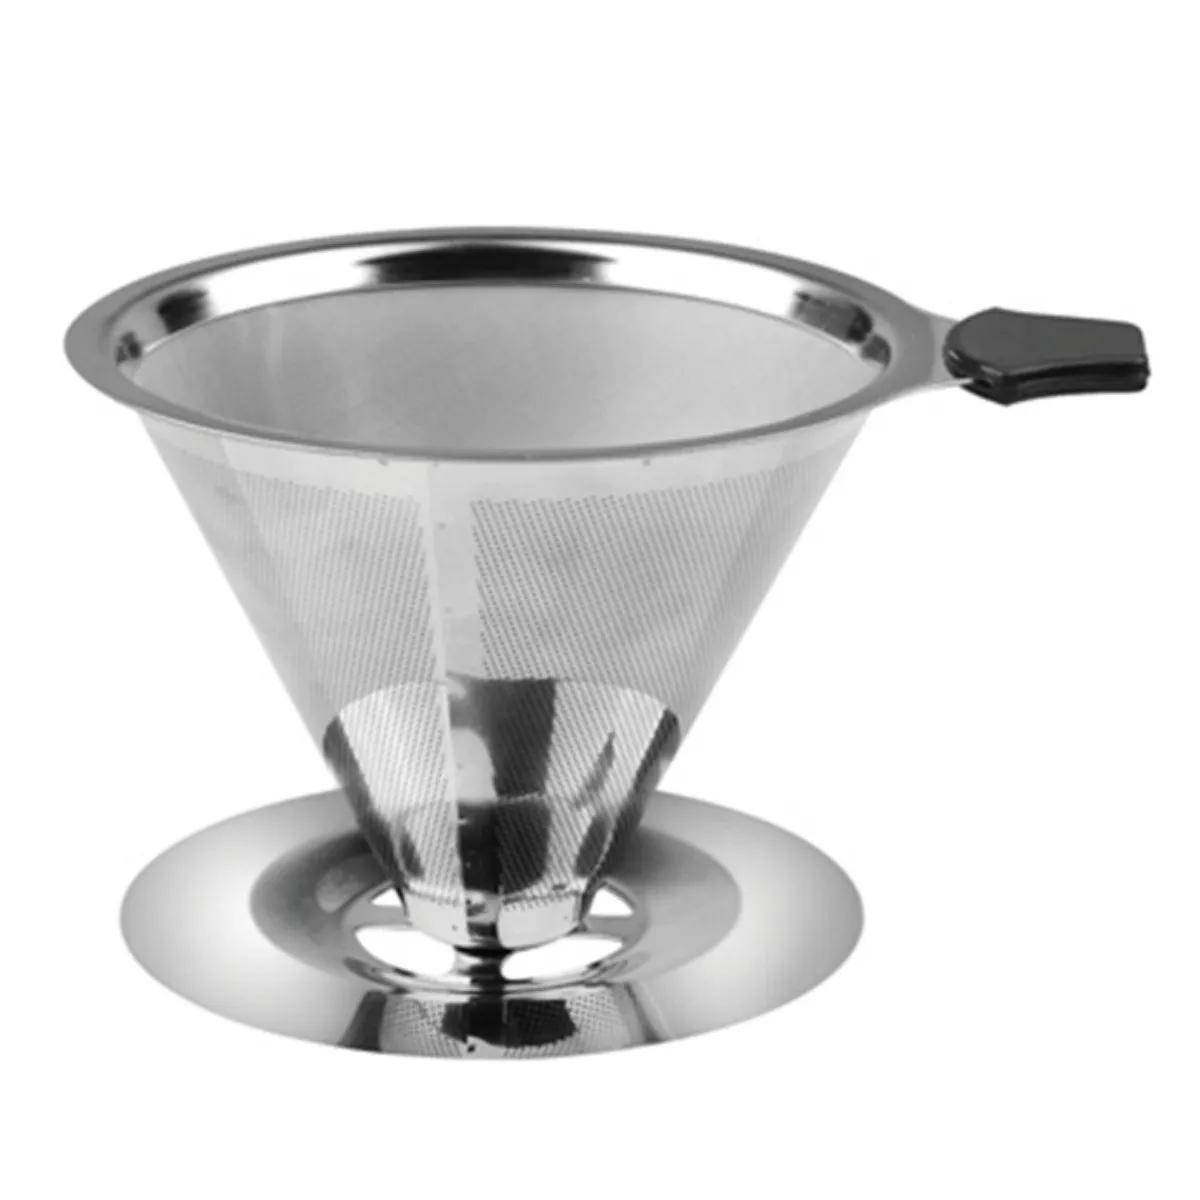 Coador De Café Aço Inox Reutilizável Uny